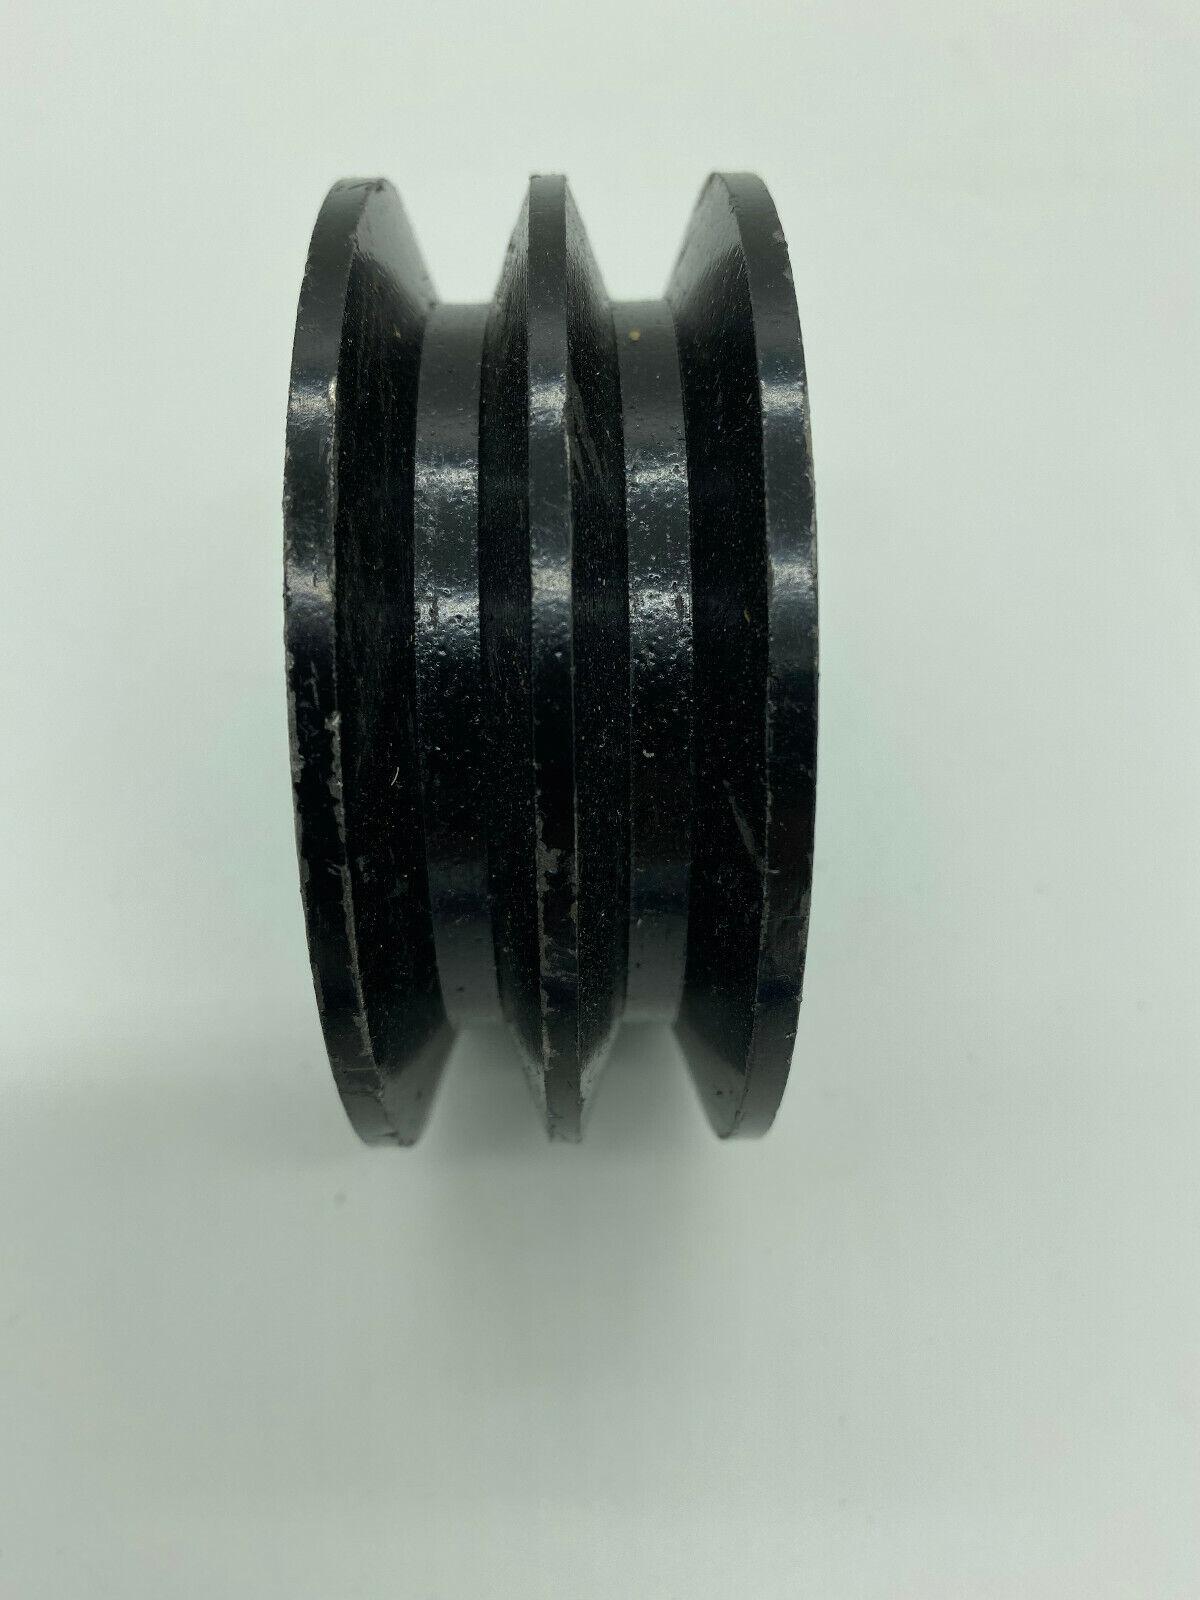 Keilriemenscheibe 87mm 2-rillig Riemenscheibe, Welle 25mm